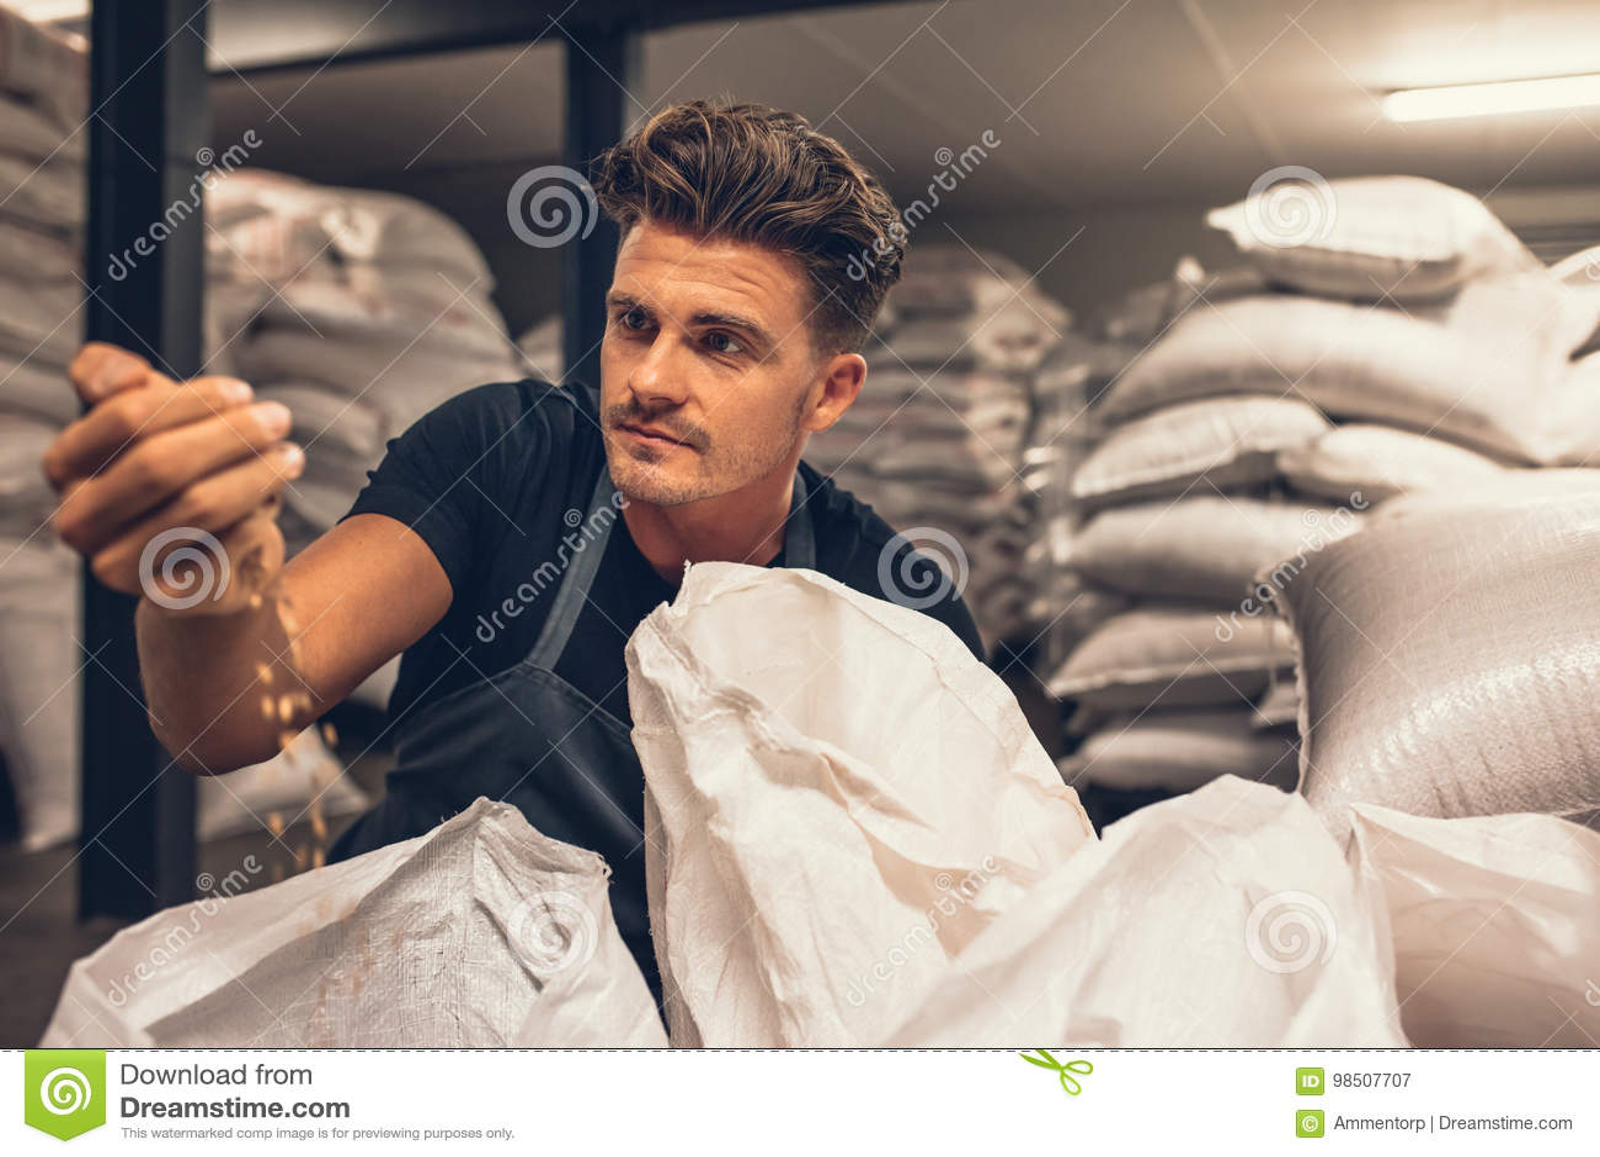 Piwowar egzamininuje jęczmienia przy browar fabryką